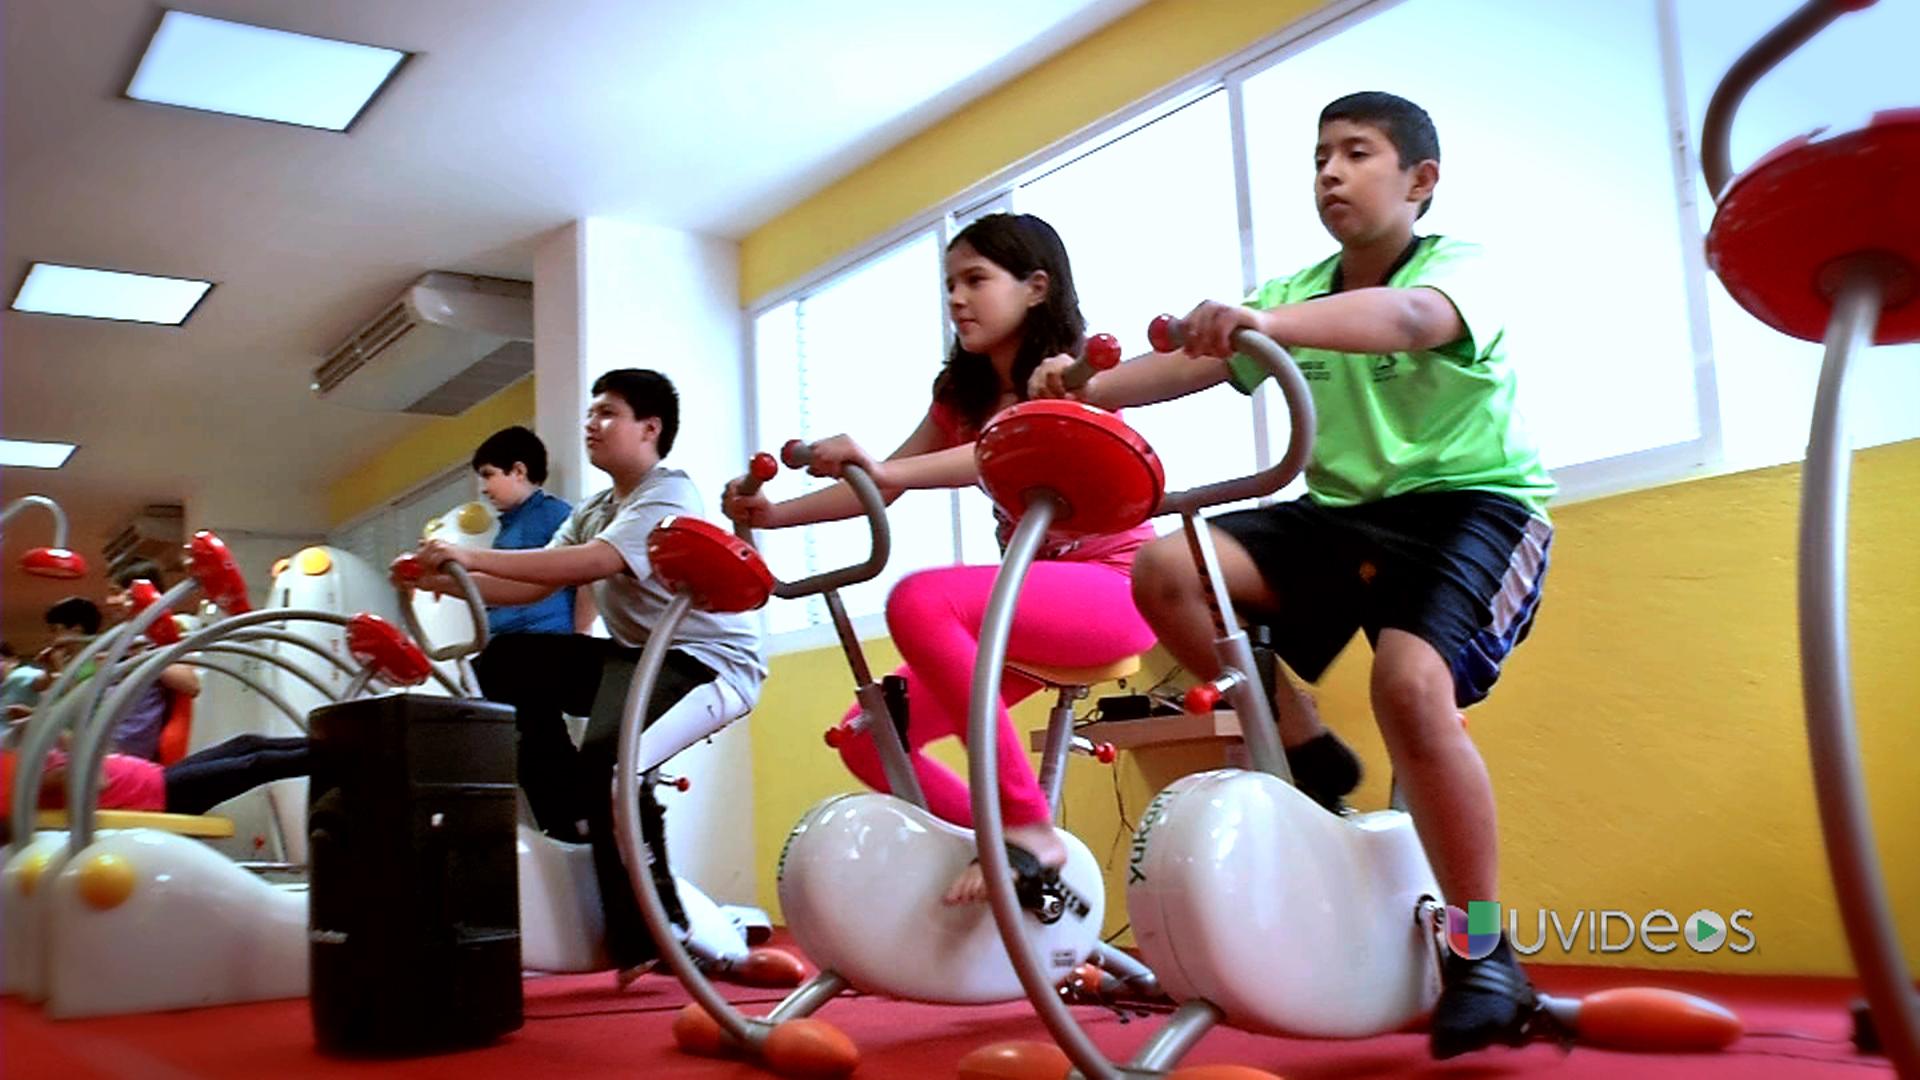 Un gimnasio para ni os le da pelea a la obesidad infantil for El gimnasio es un deporte